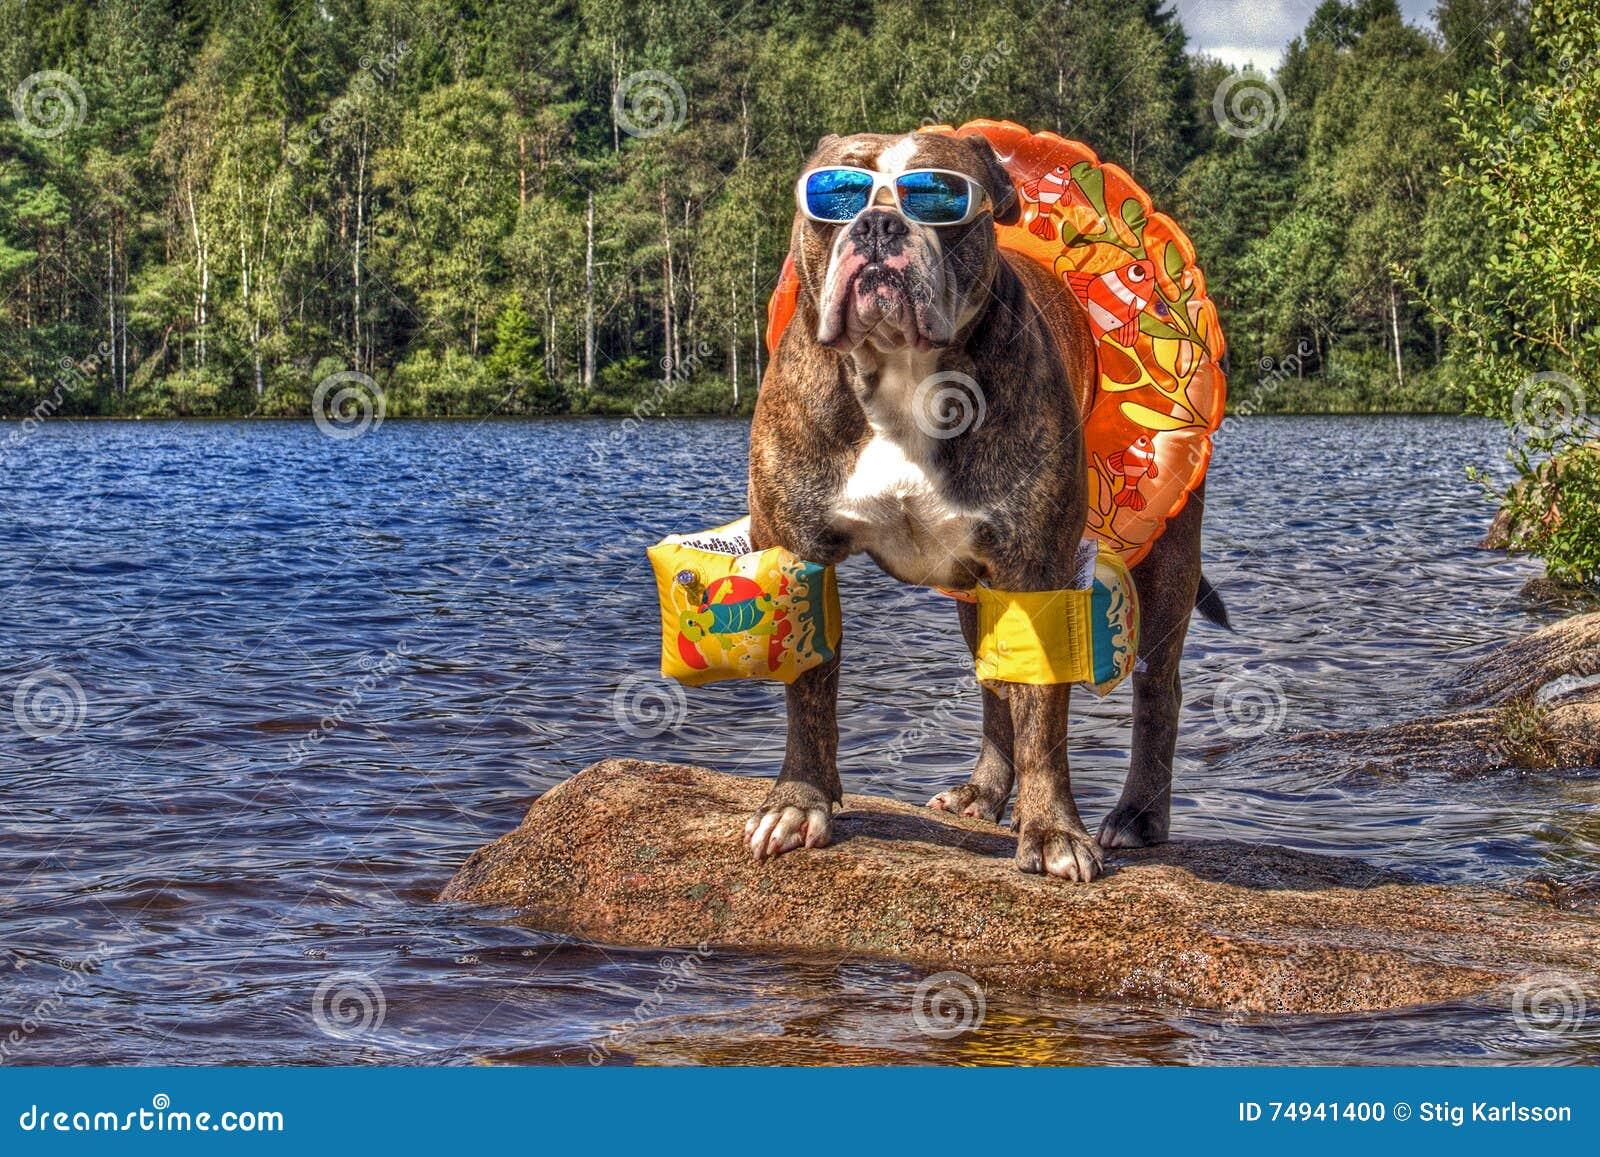 Μπουλντόγκ στη λίμνη με τα floaties επάνω σε HDR